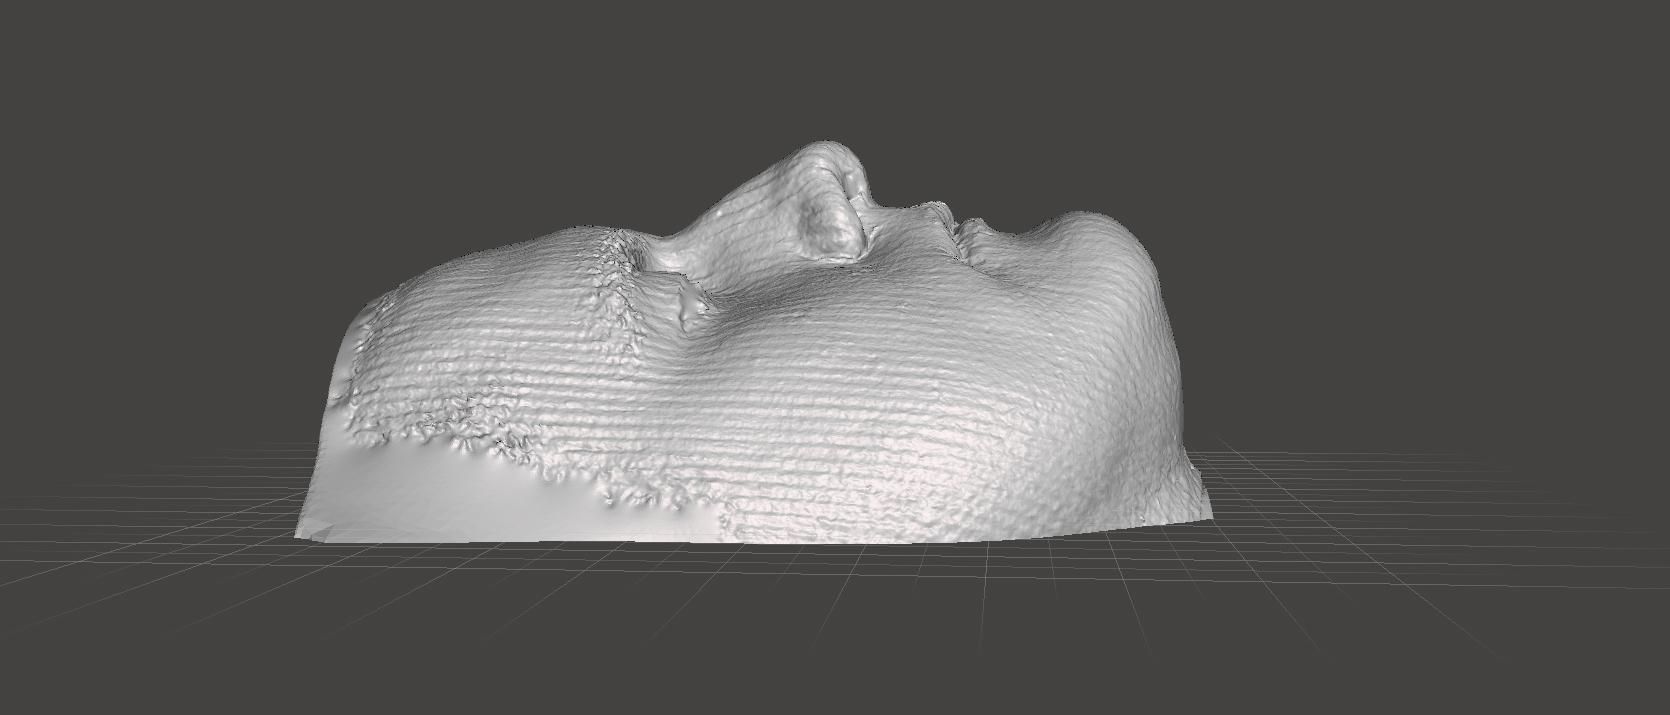 3dprinting mask